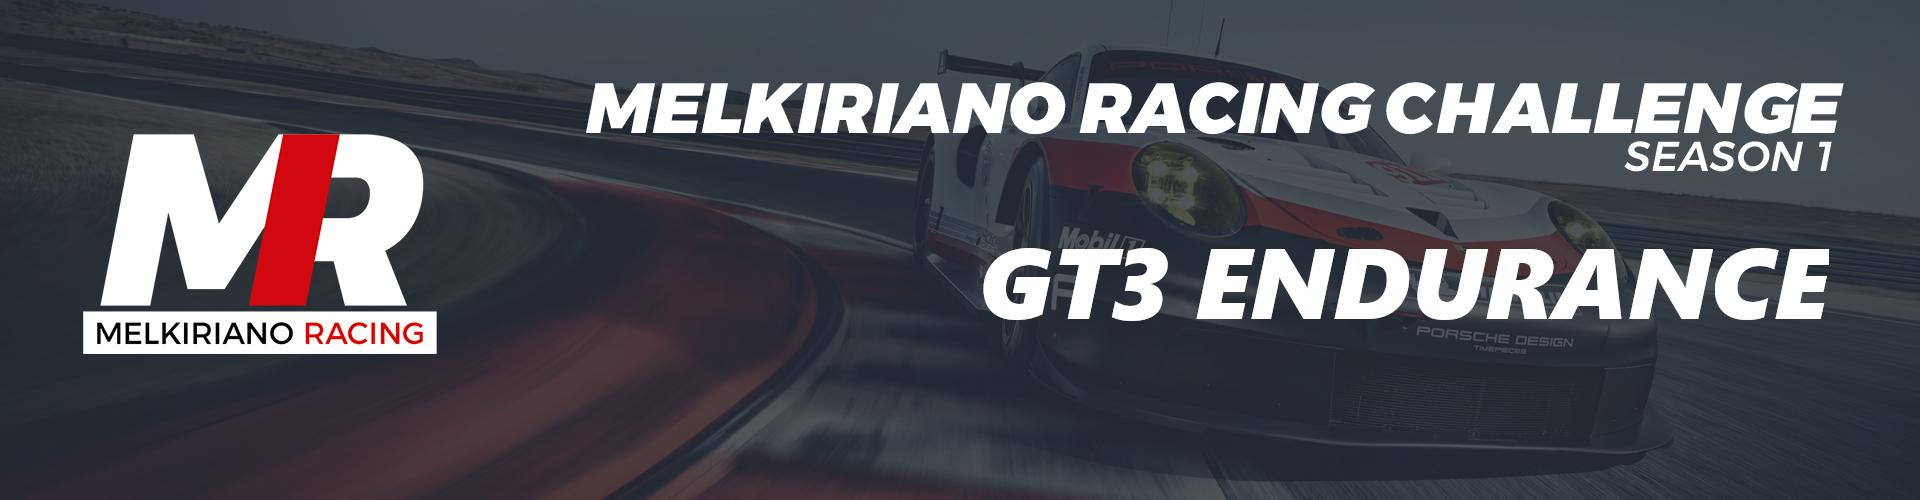 MR -  GT3 Endurance - S1-image